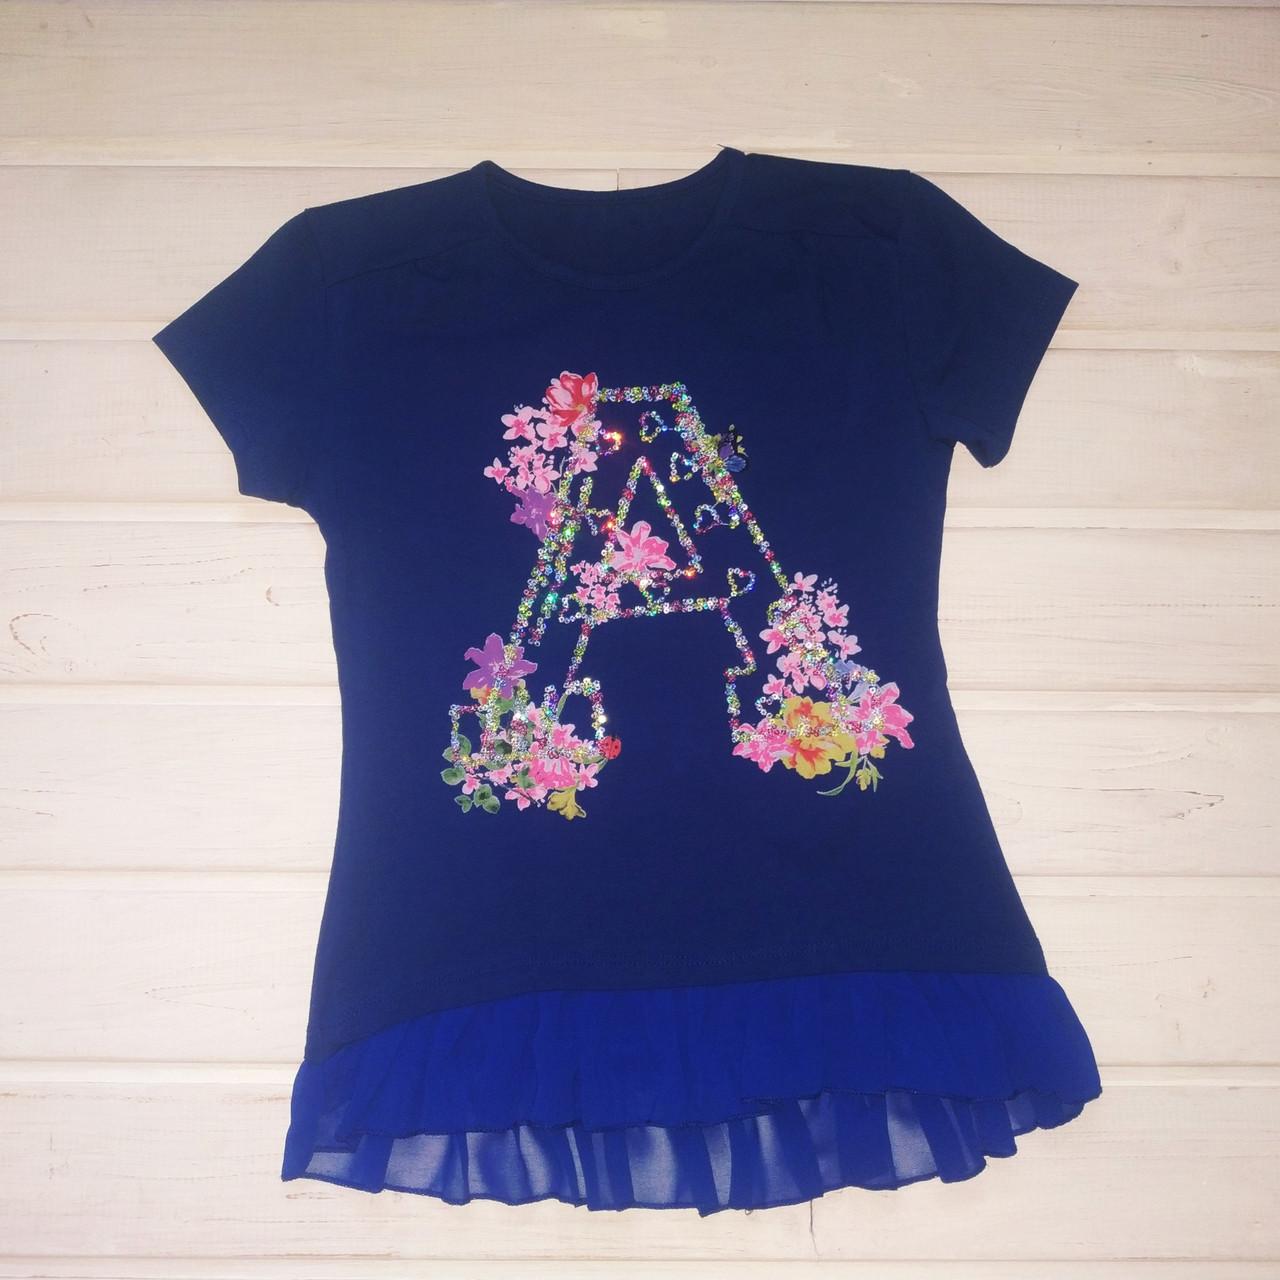 Футболка для девочки нарядная синяя Размер 146